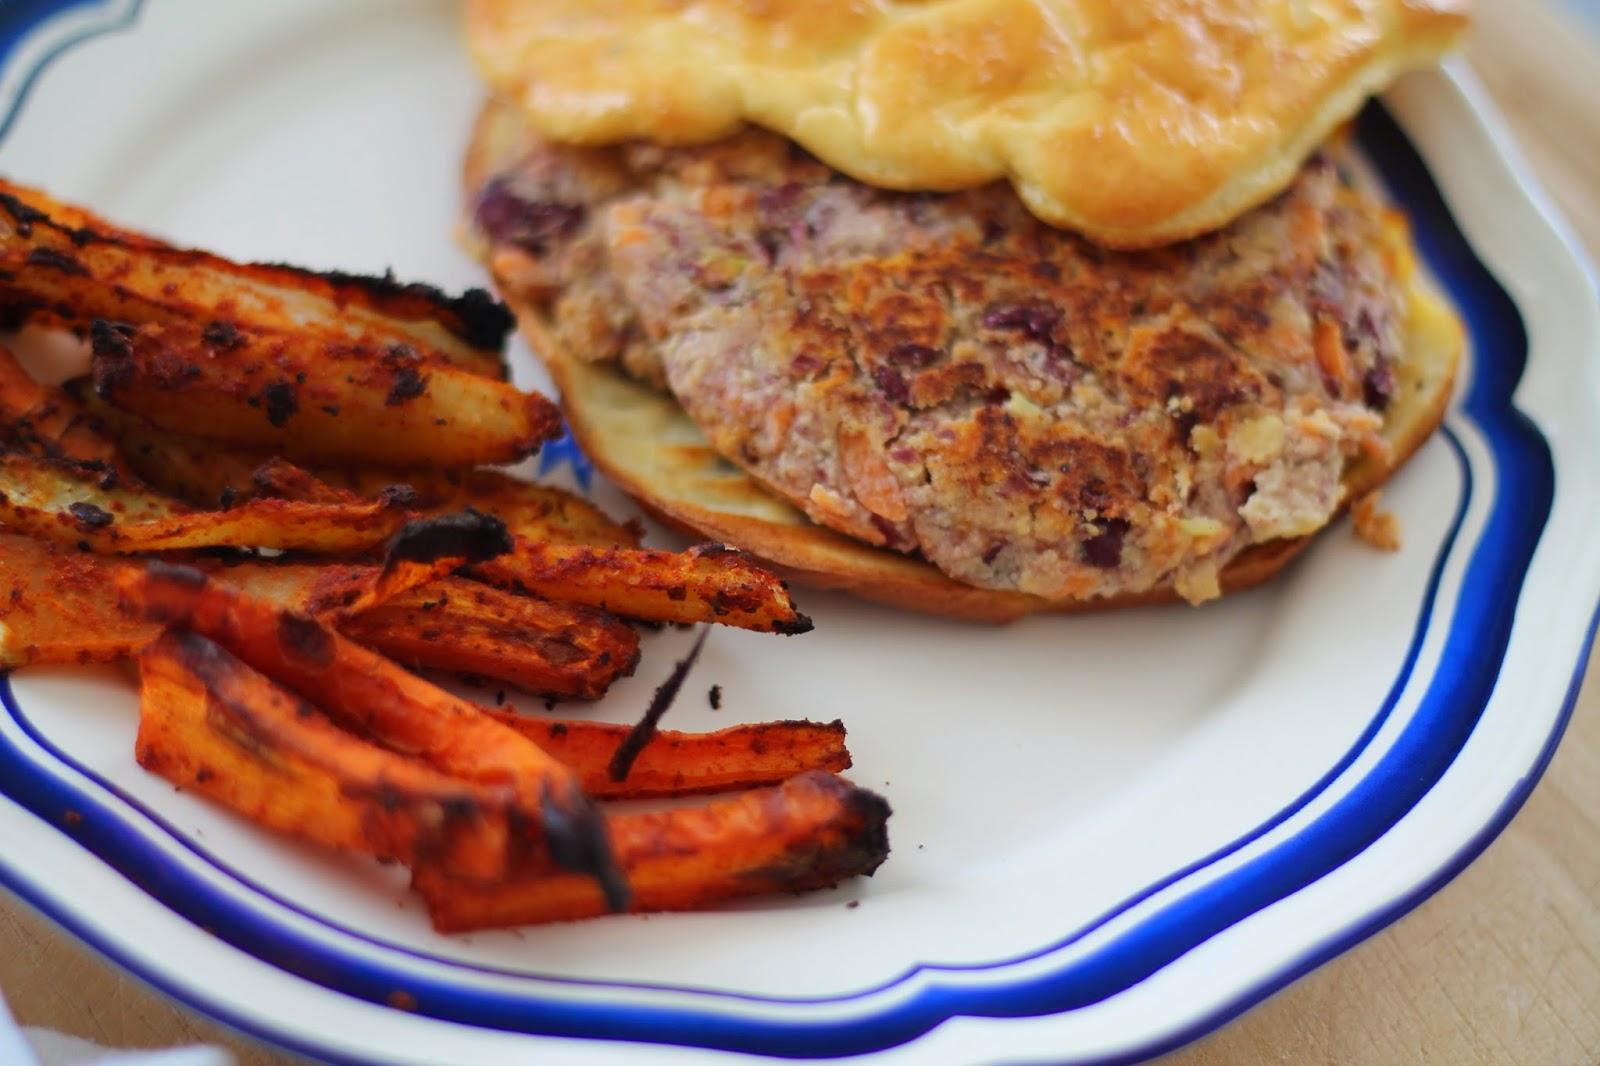 Heathy Eating Clean Eating Gesundes Rezept / Veganer Burger Rezept / Oopsie Burger Rezept / Recipe / #svetlanakocht #topfenistquark